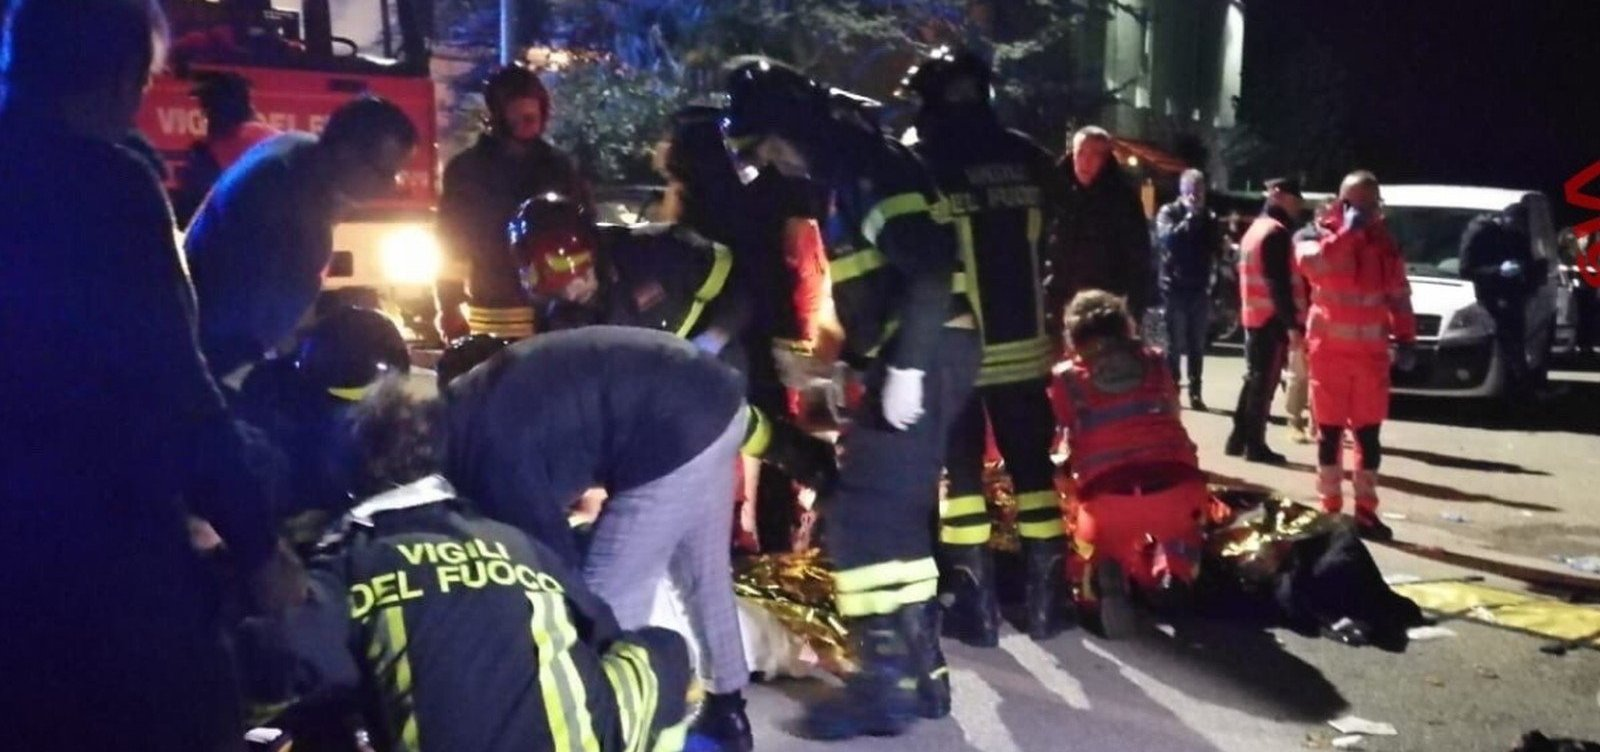 [Seis pessoas morrem e mais de 100 ficam feridos em show na Itália]